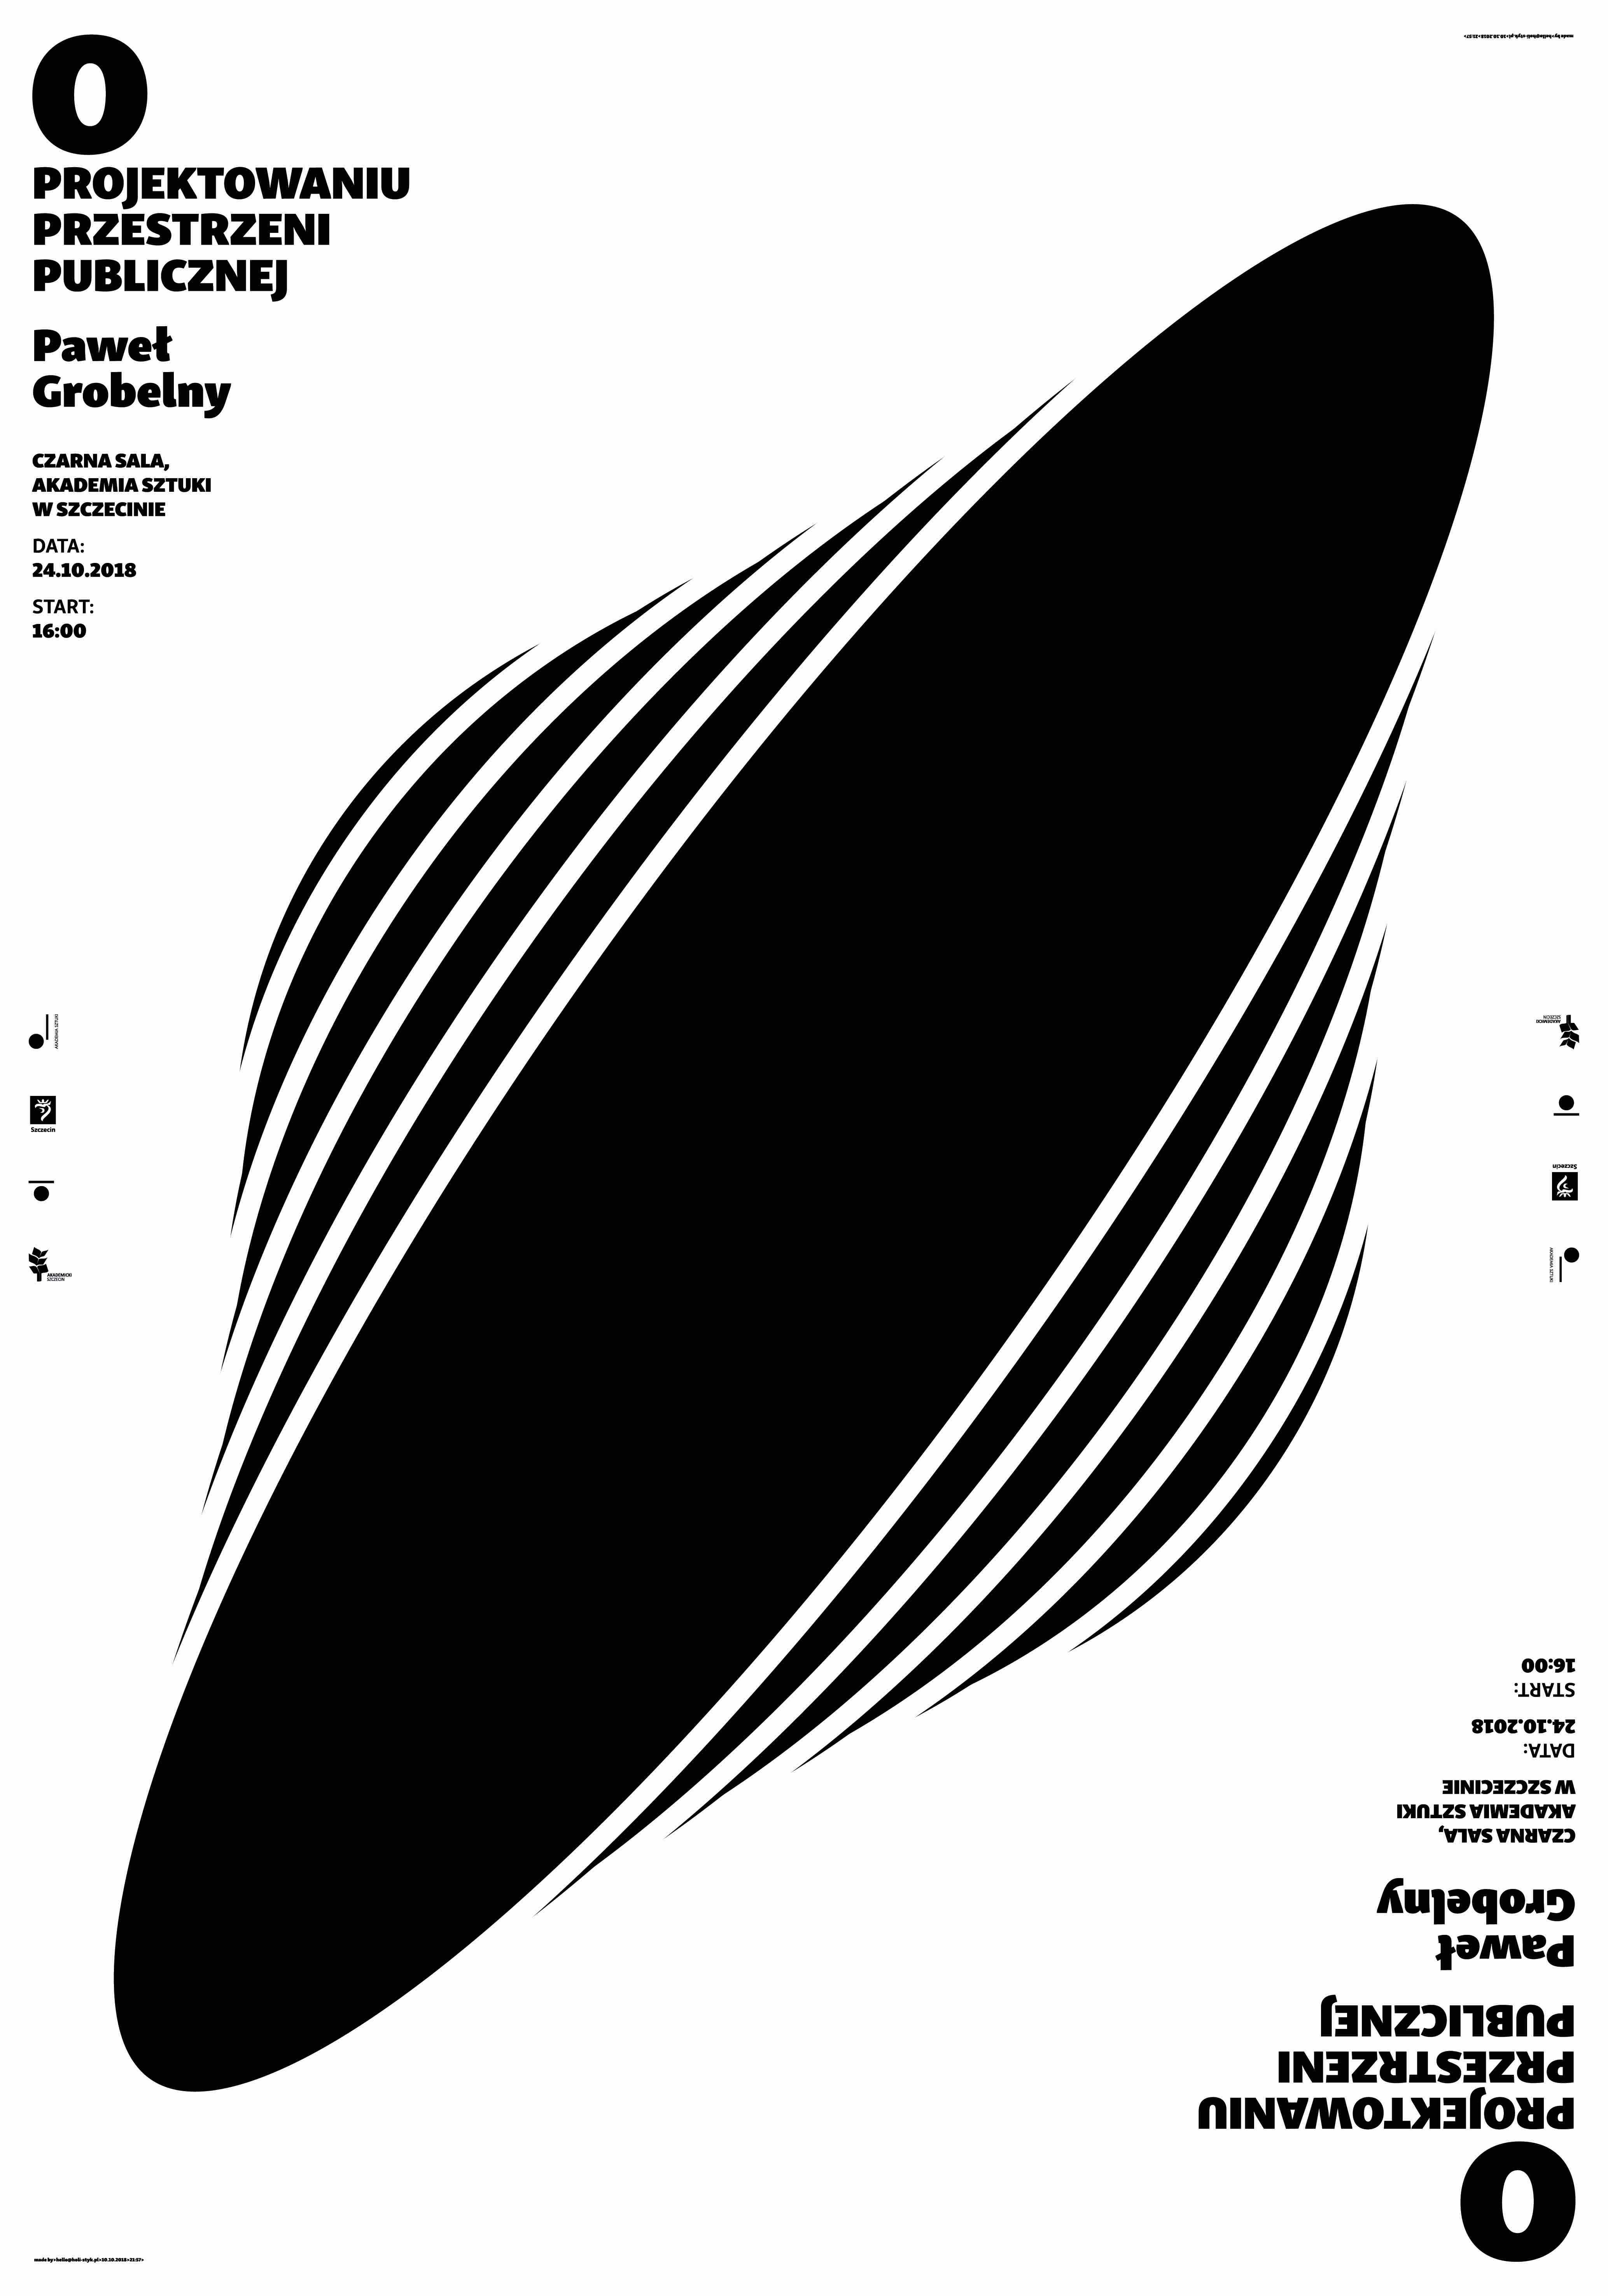 """Paweł Grobelny, """"O projektowaniu przestrzeni publicznej"""", Akademia Sztuki w Szczecinie (źródło: materiały prasowe organizatorów)"""